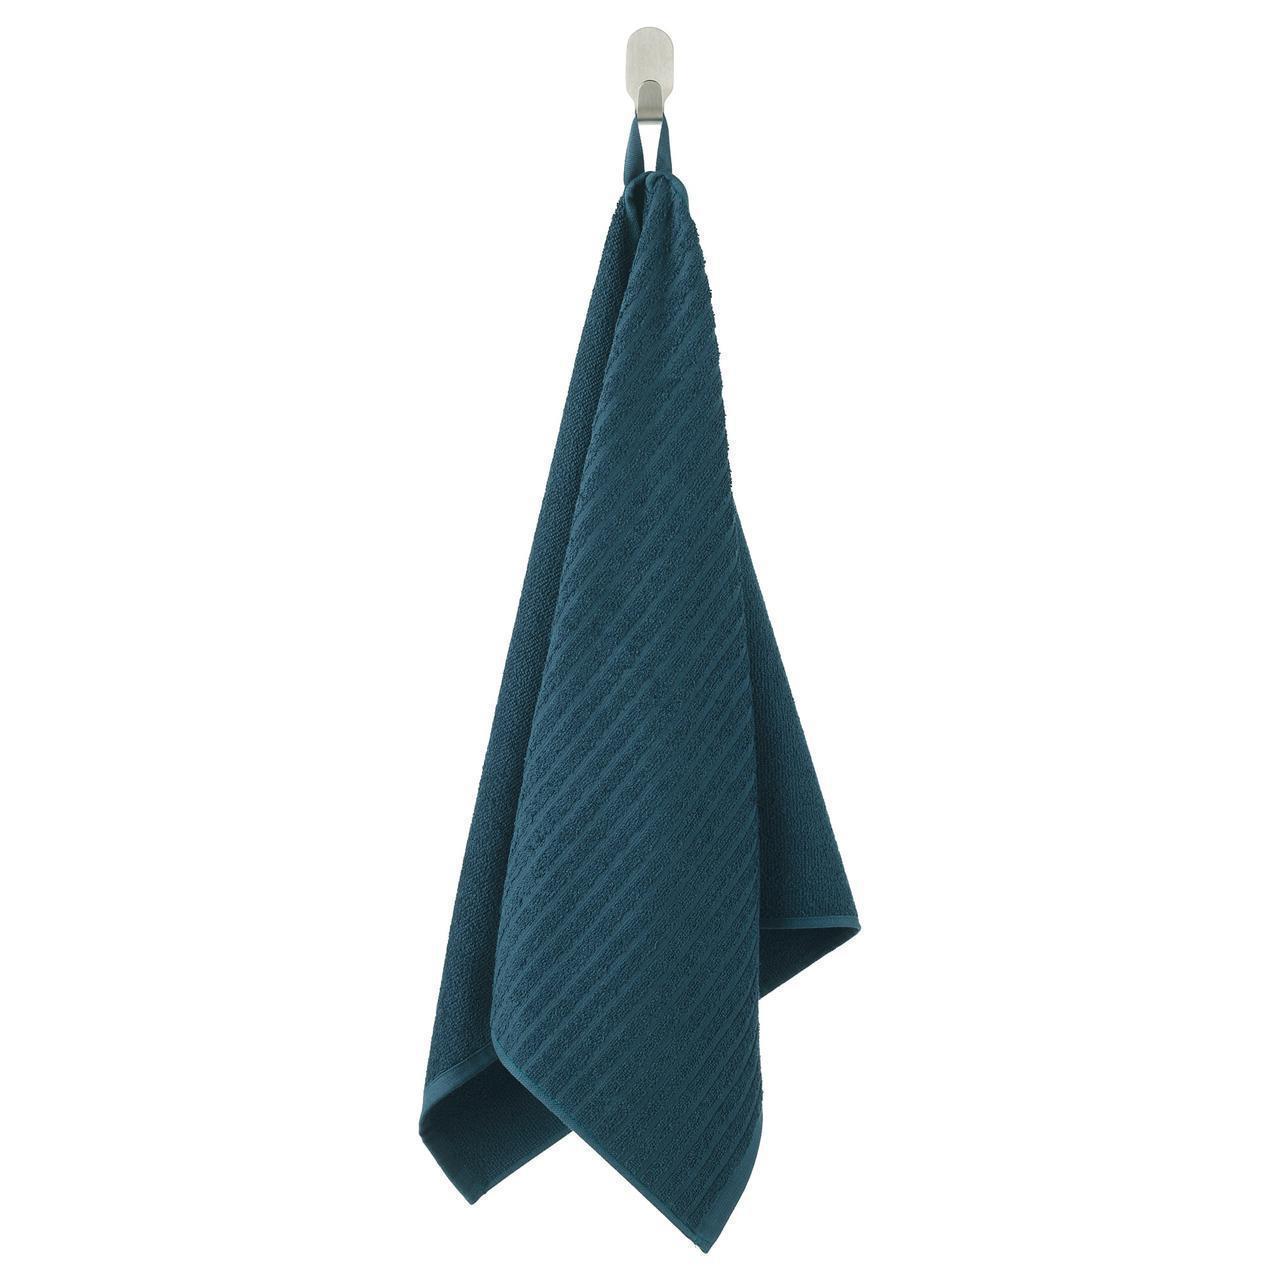 Полотенце для рук IKEA VÅGSJÖN 50x100 см темно-синее 803.535.97